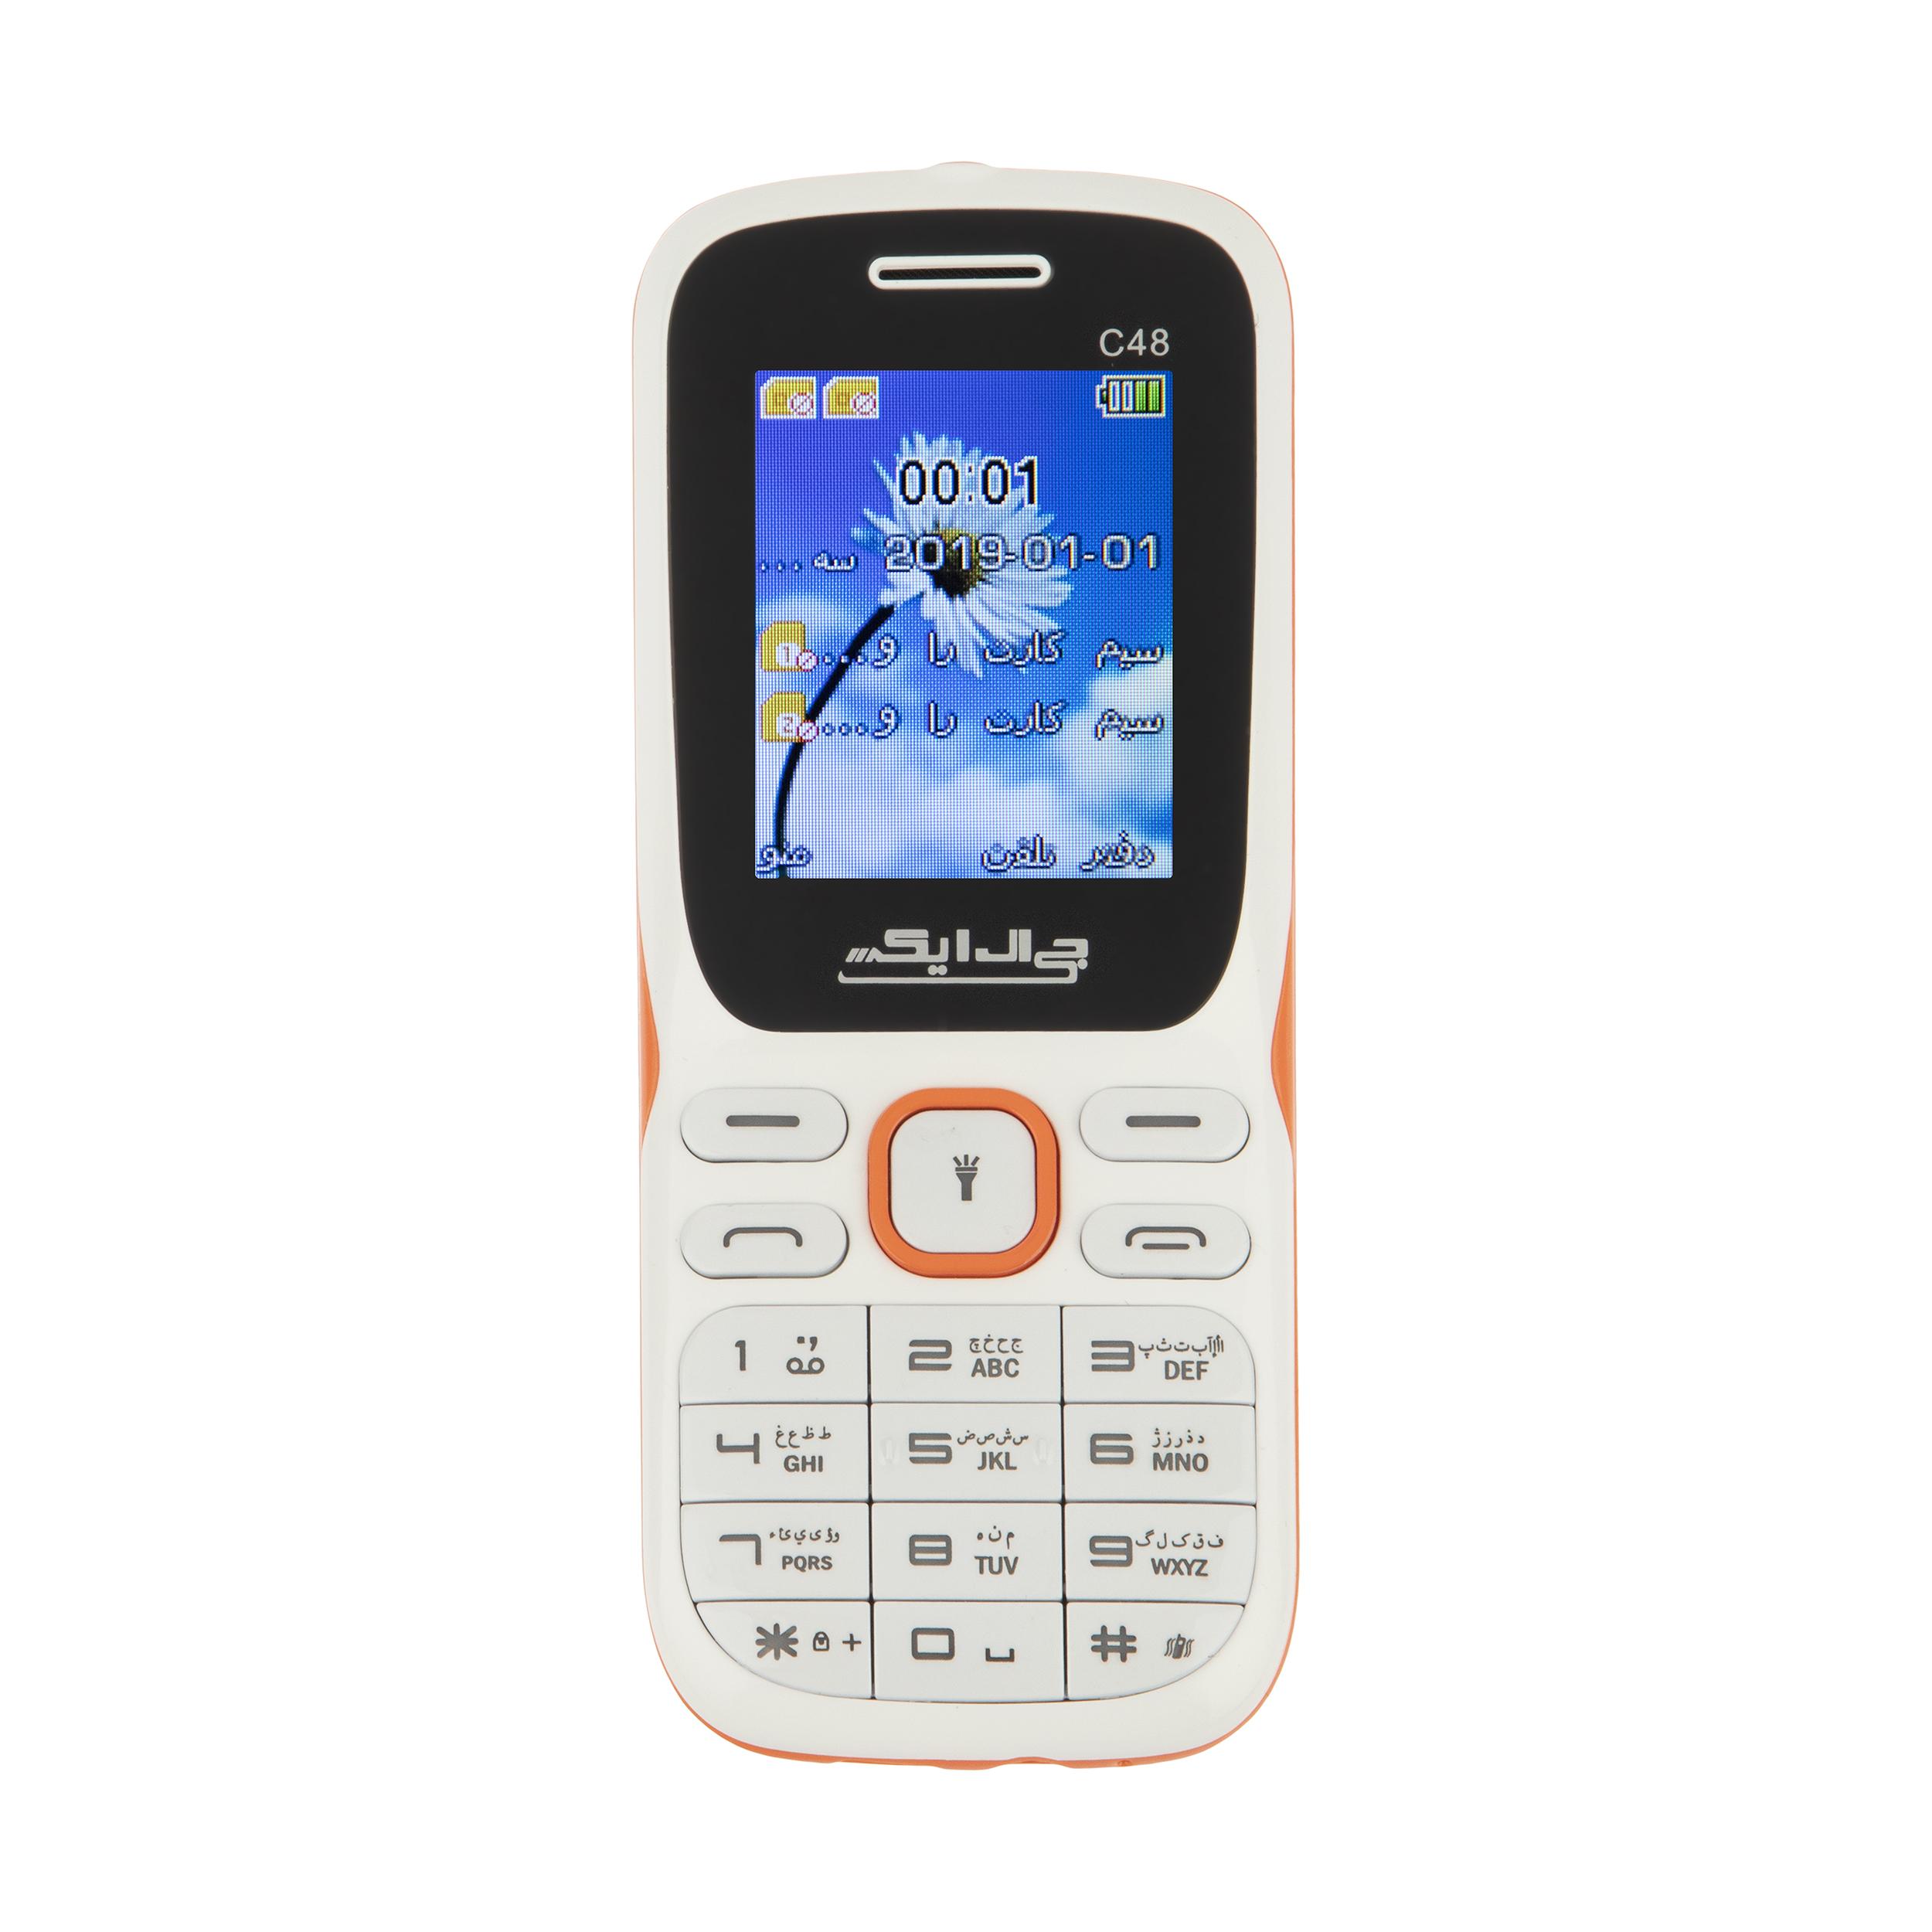 خرید گوشی موبایل جی ال ایکس مدل C48 دو سیم کارت